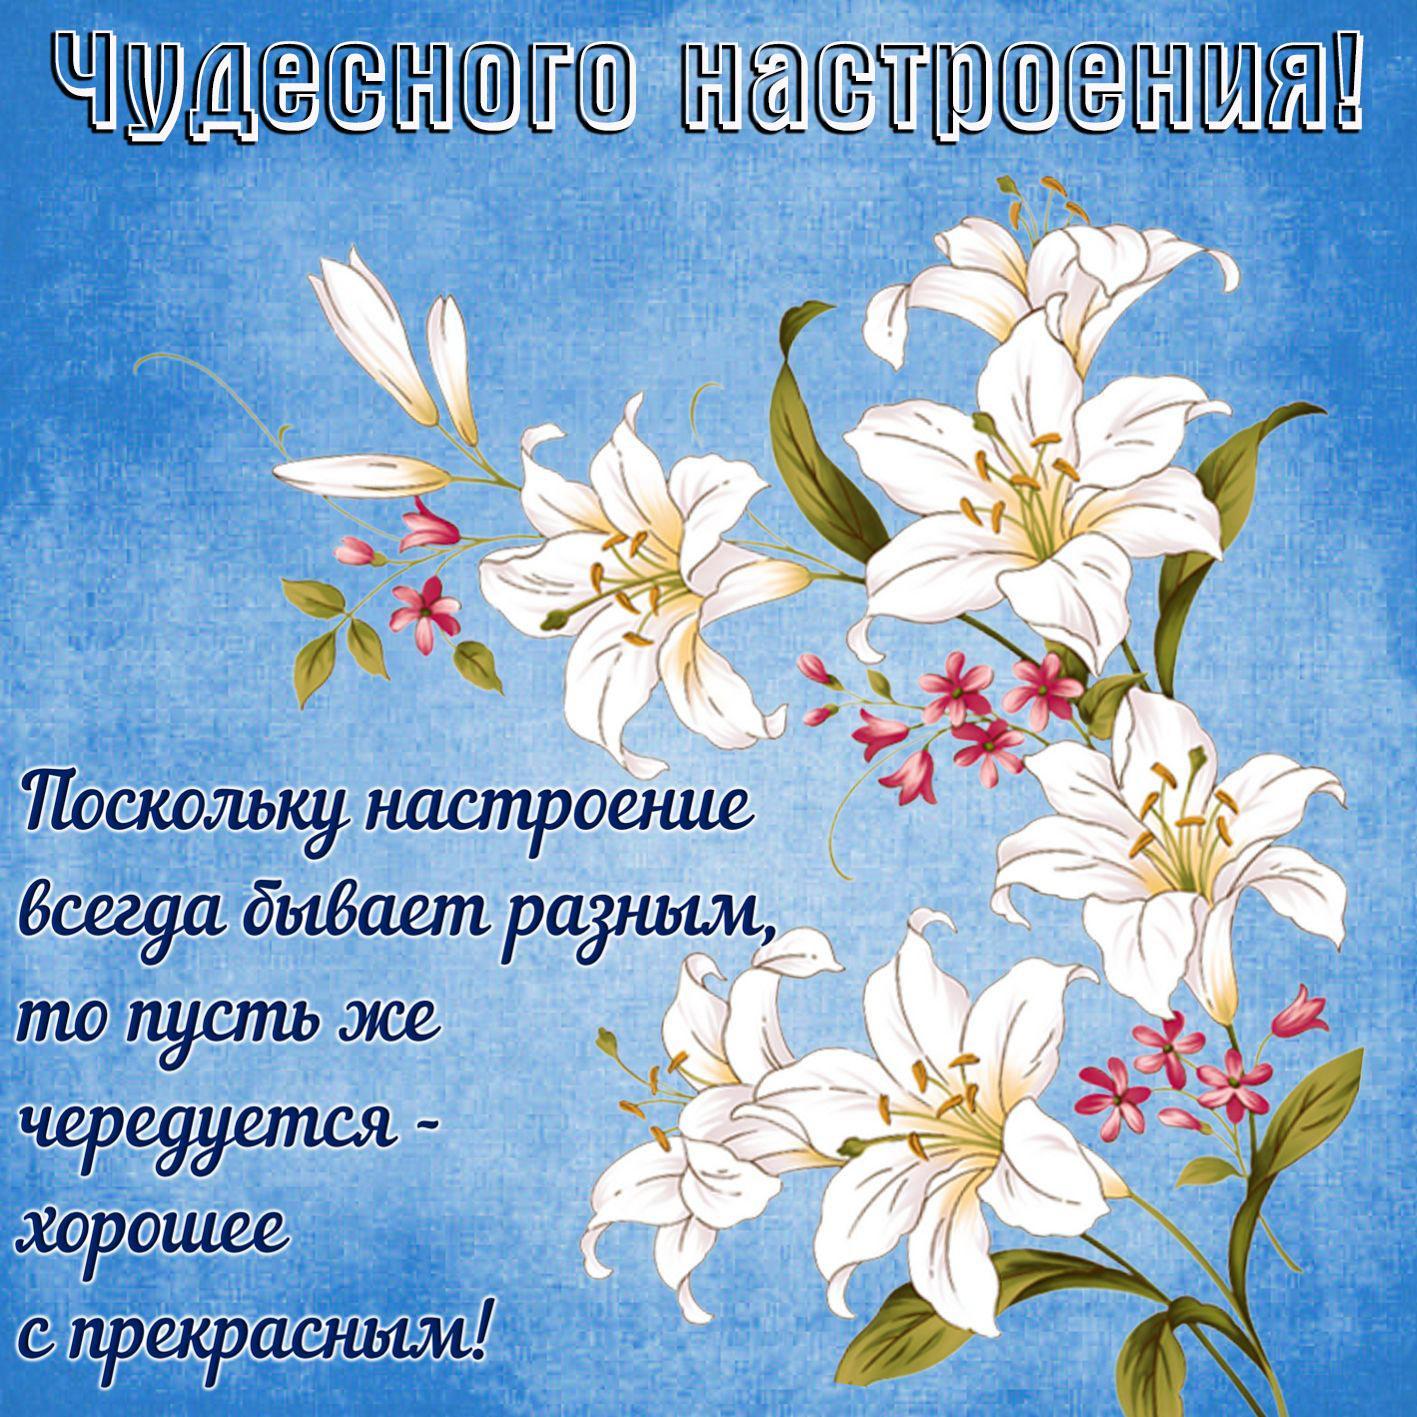 Красивые открытки с цветами с хорошим настроением, завтра отпуске